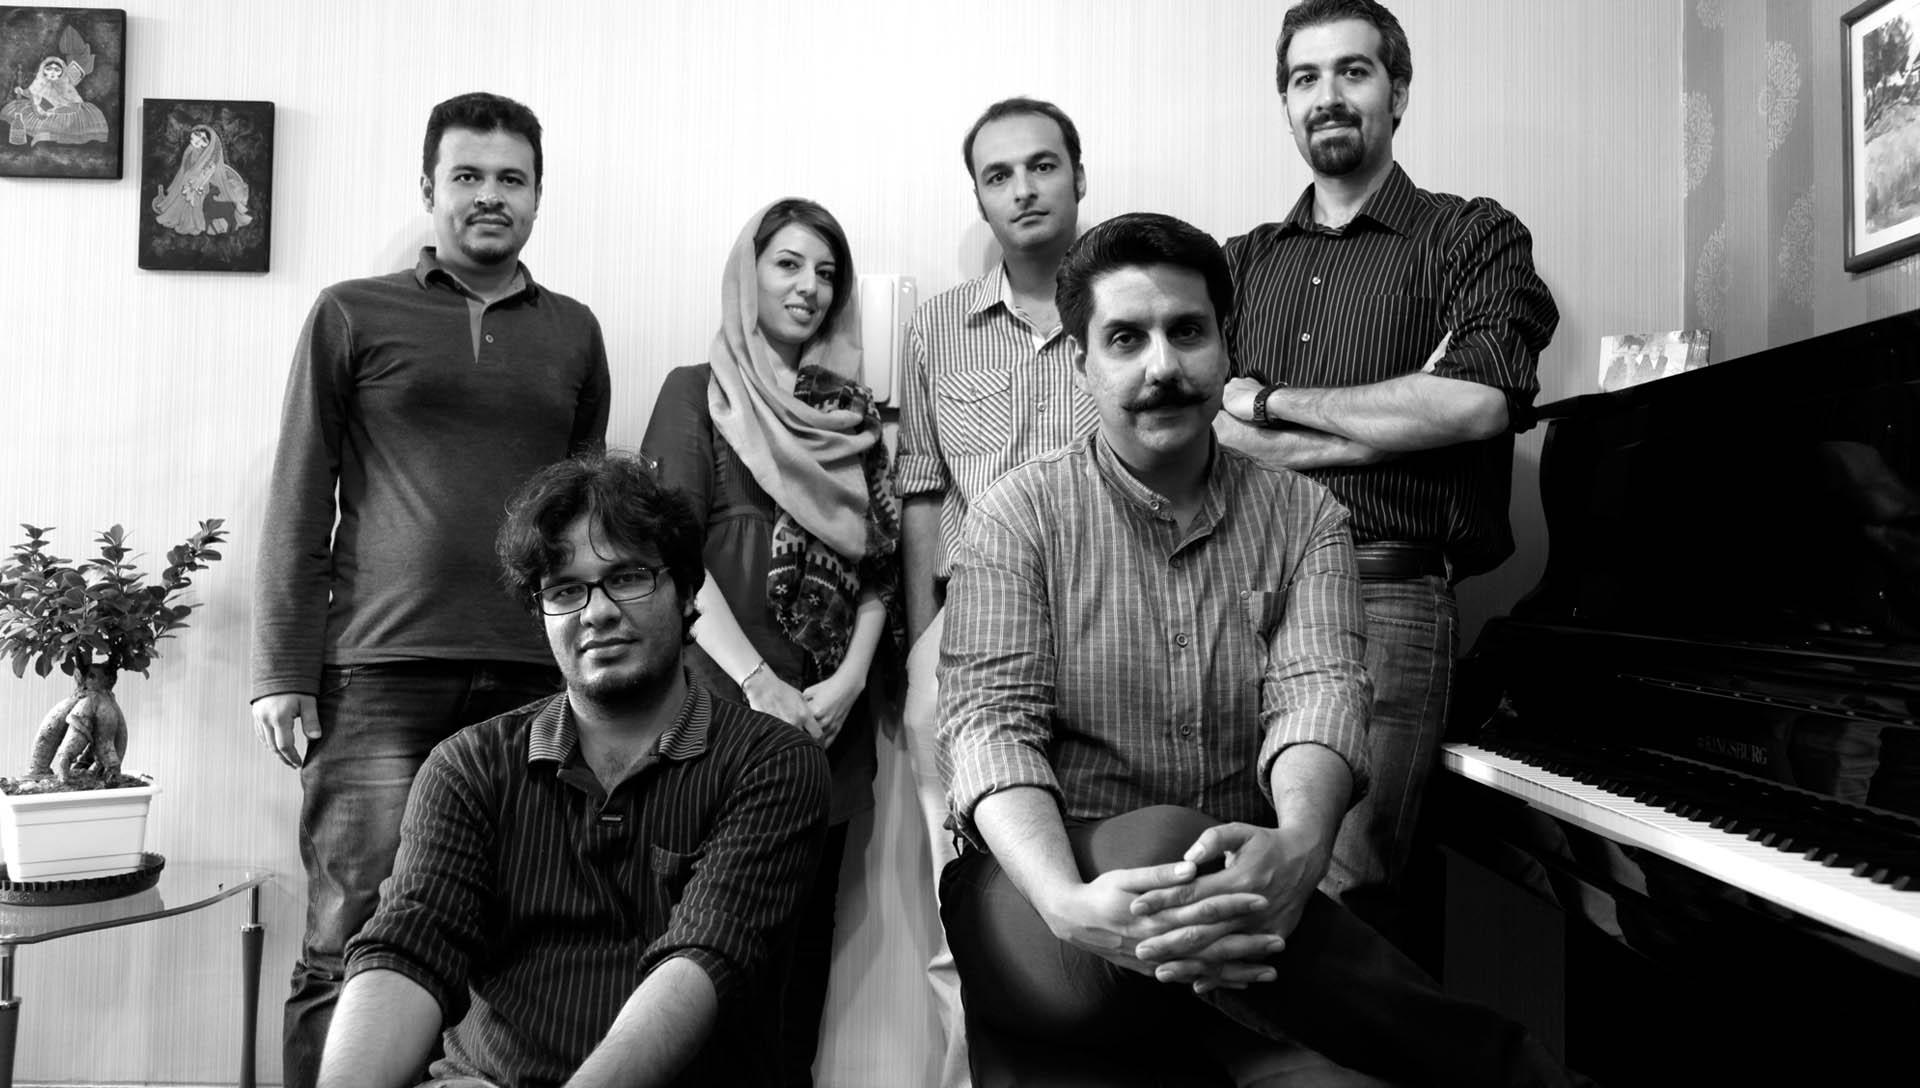 محسن مقدم و برادران شریفی شرکت فیلم سازی زوم شیراز